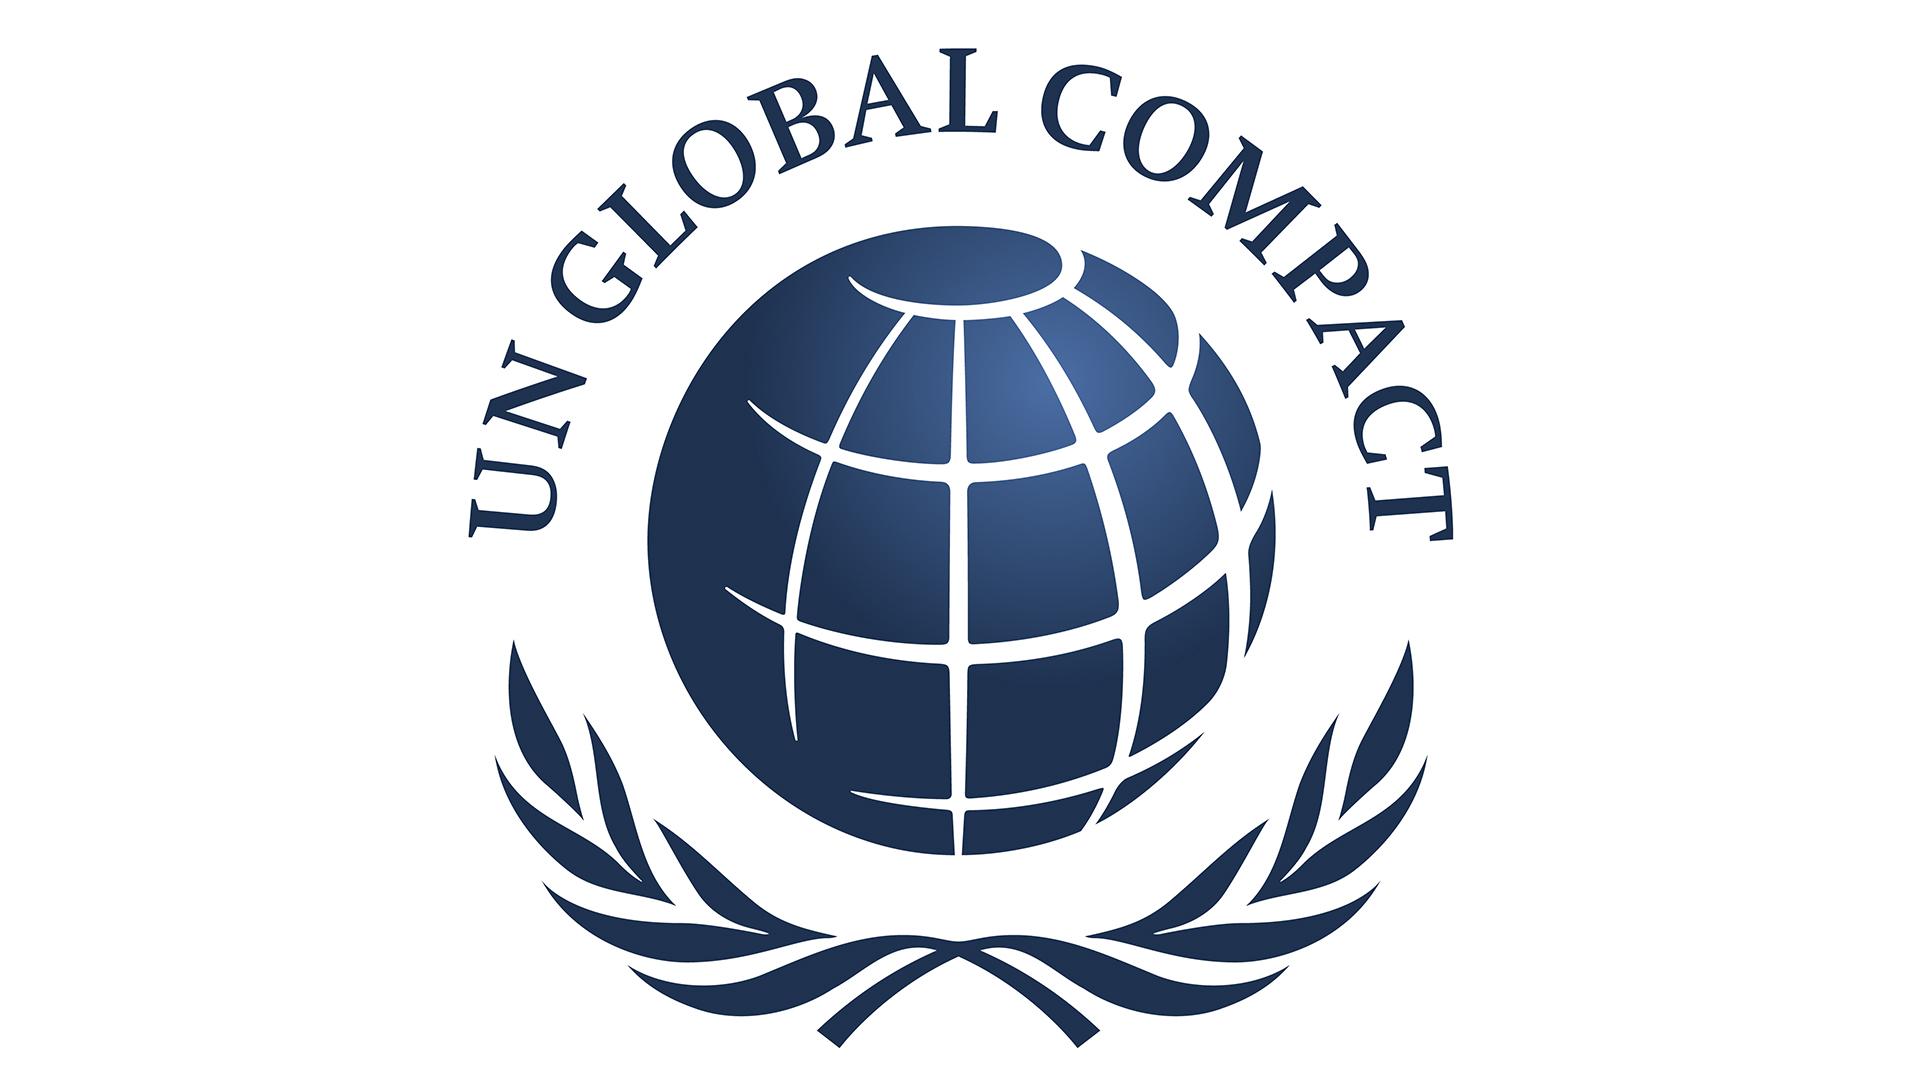 LKS KREAN refrenda su apoyo y adhesión al Global Compact de Naciones Unidas